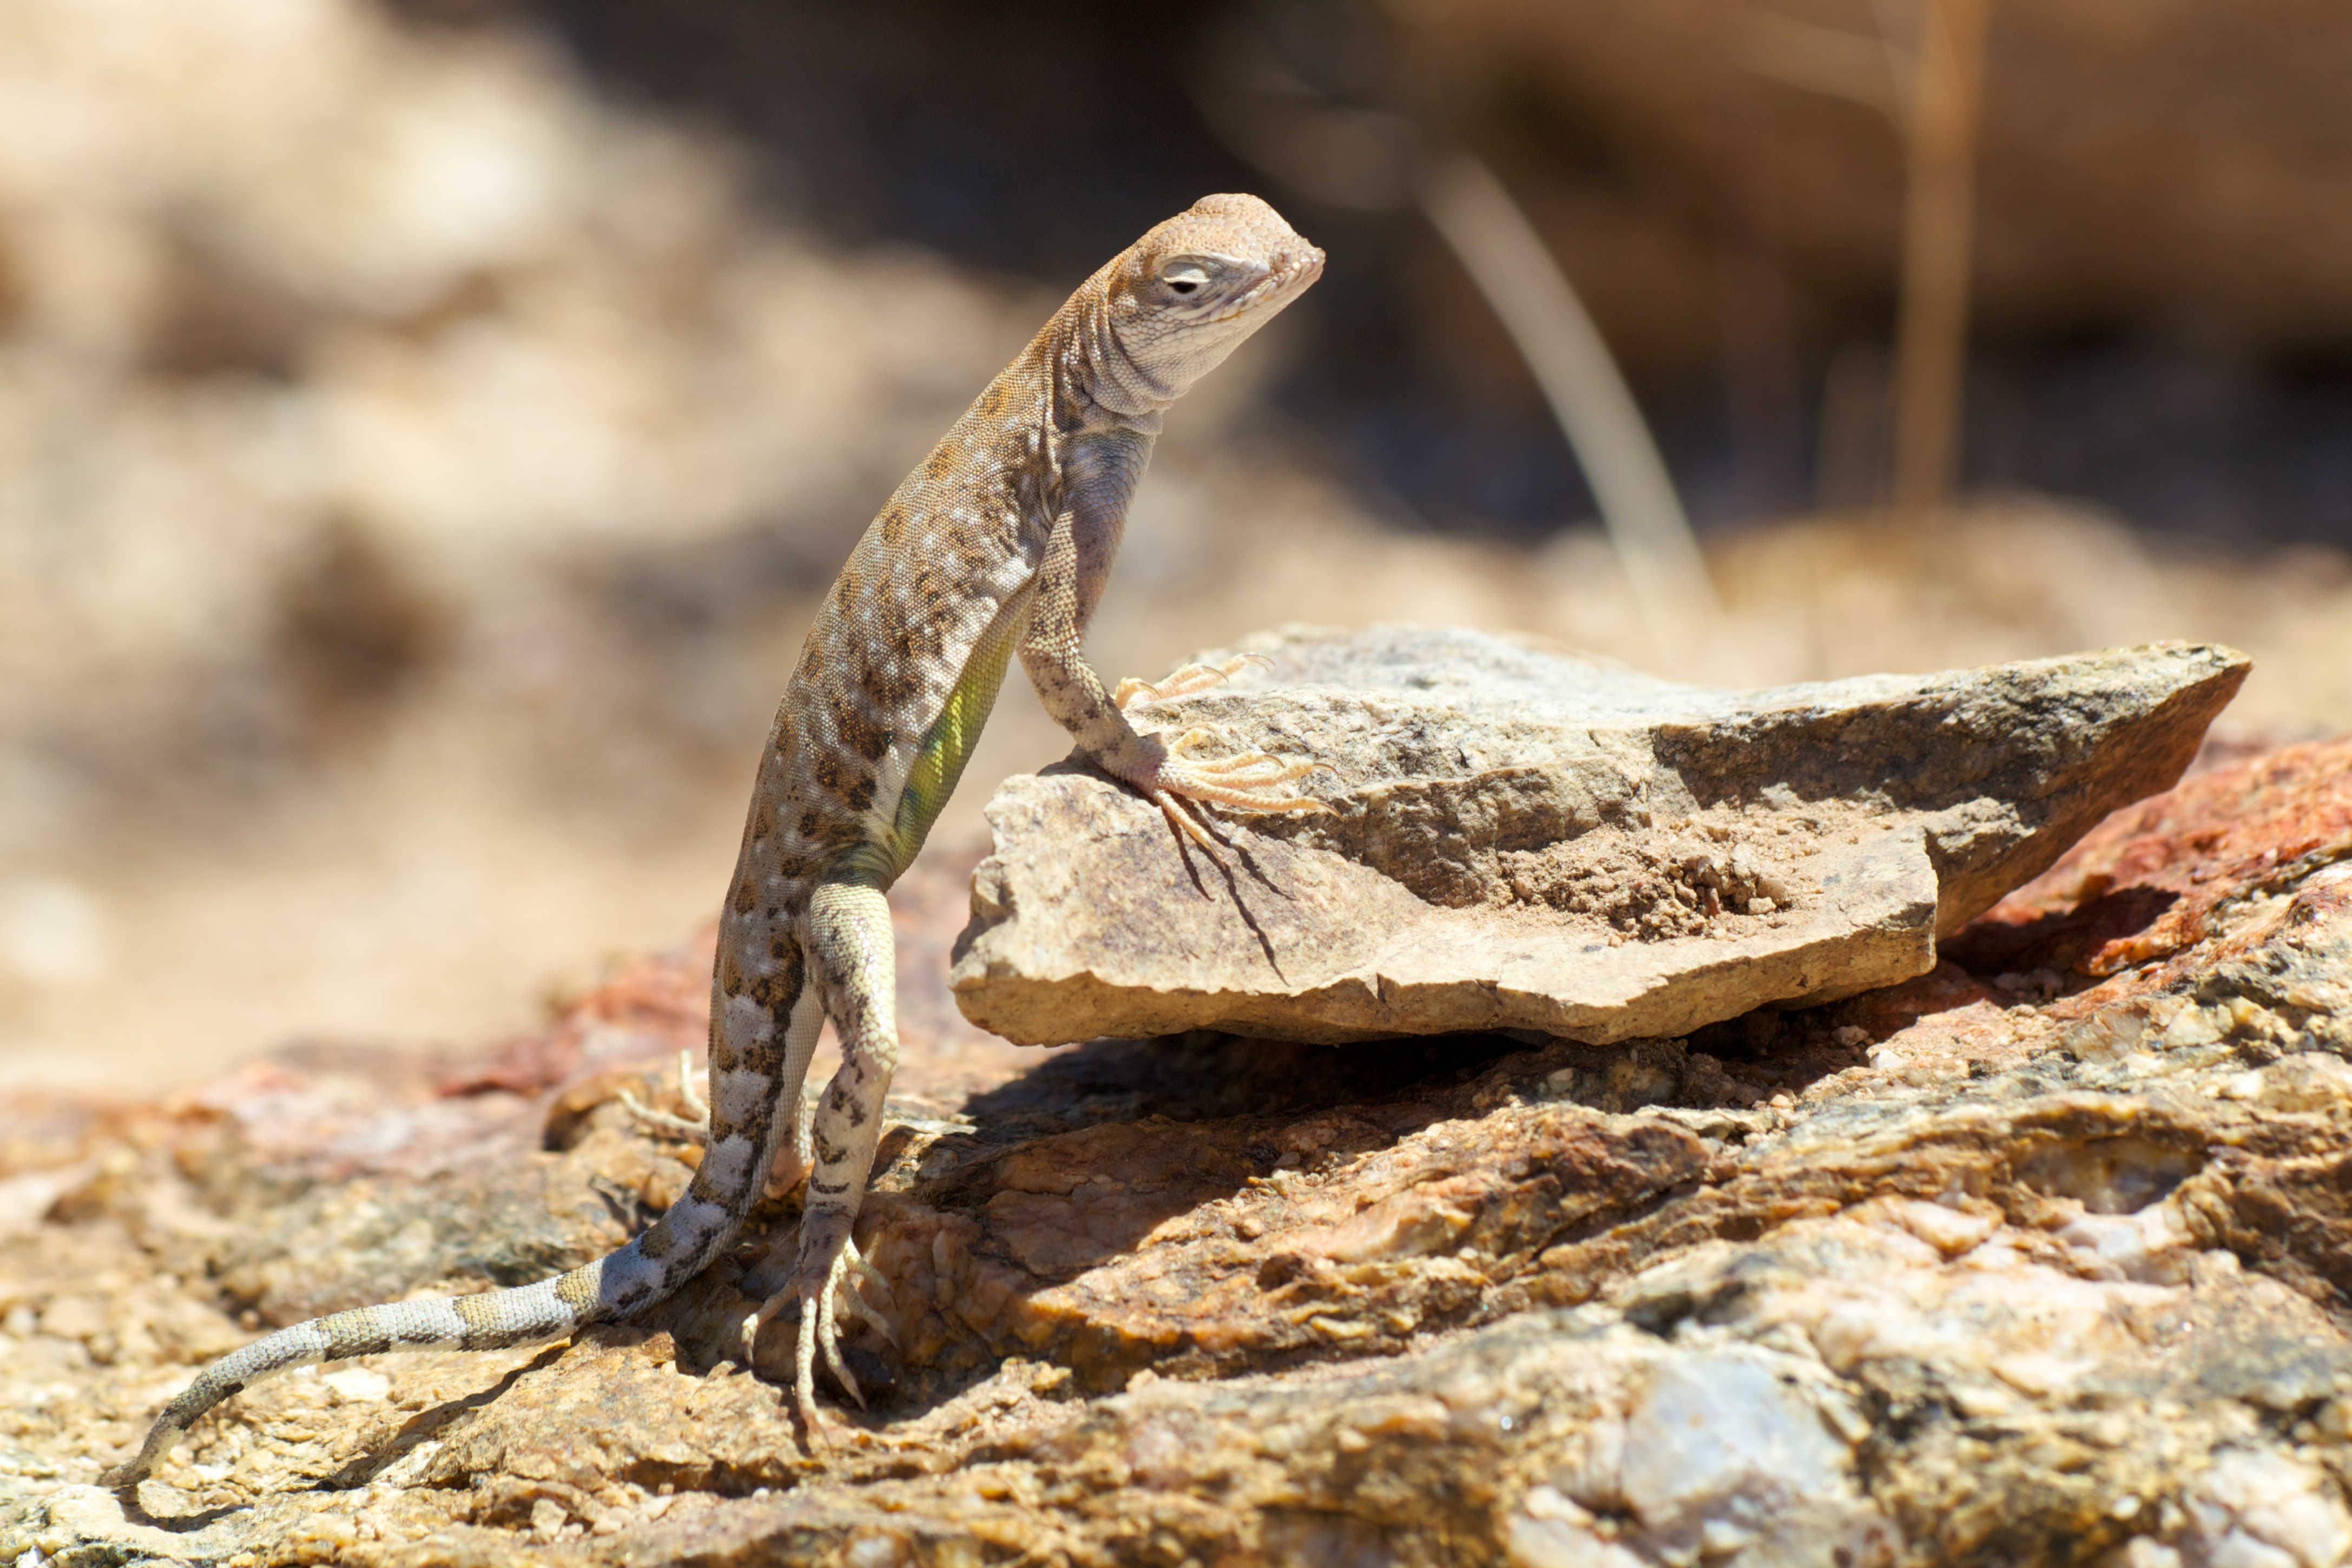 Lizard in Sonoran Desert